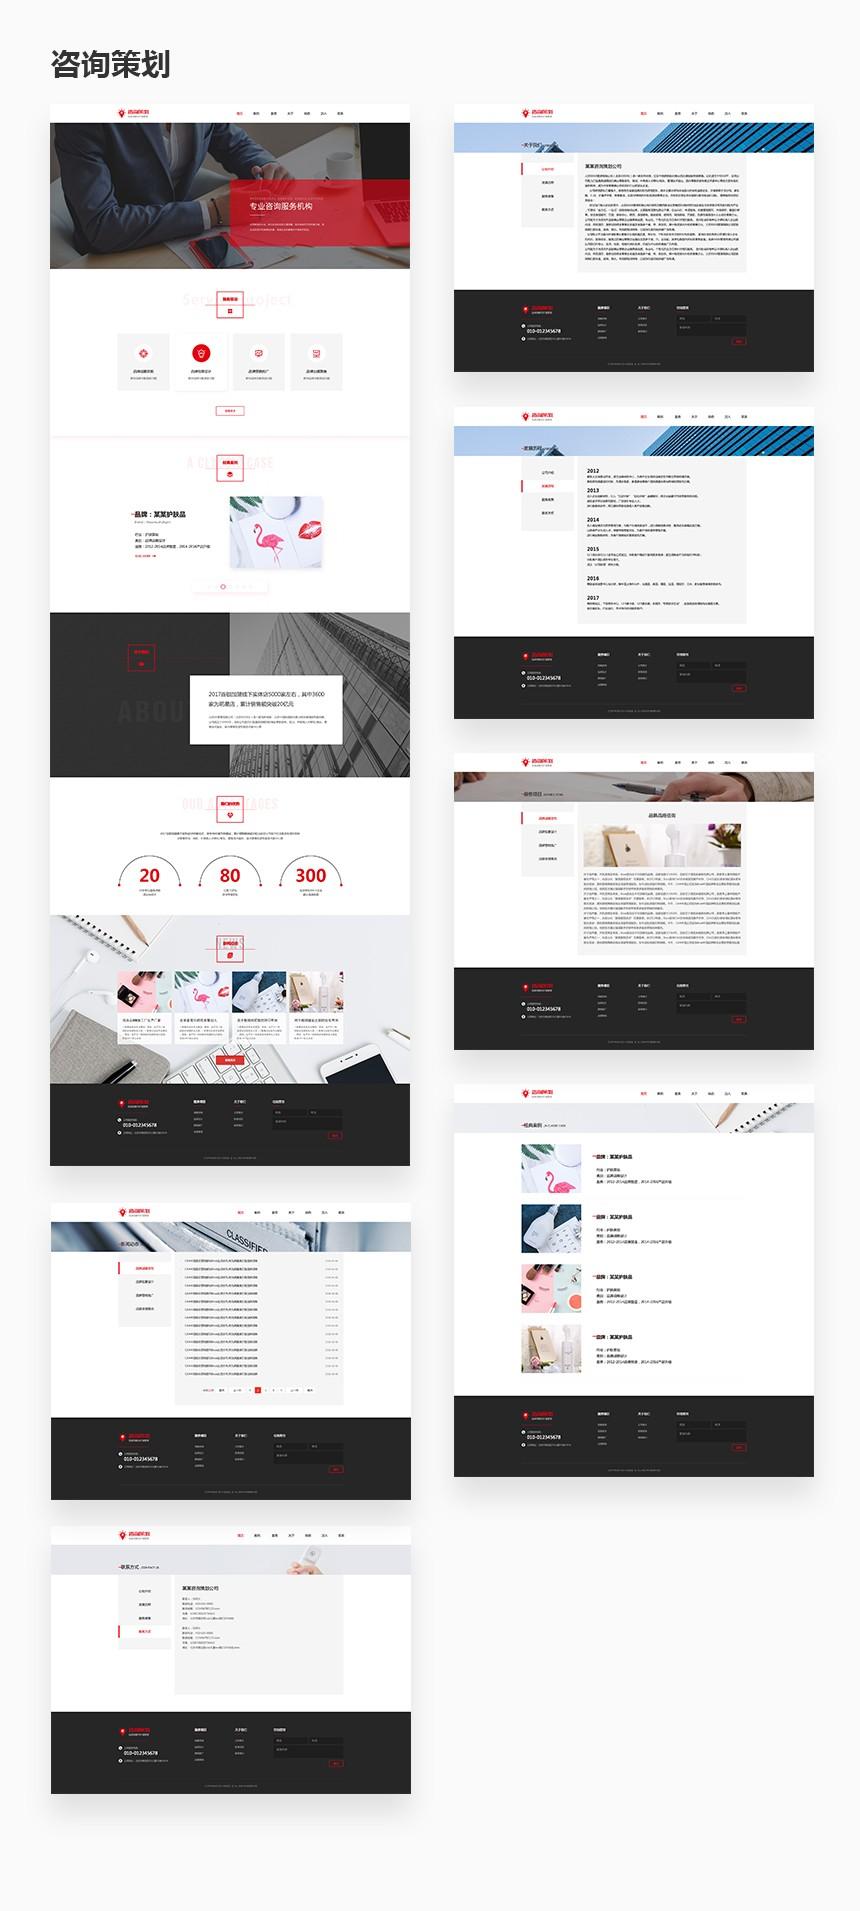 重庆咨询策划公司系统开发-品牌策划行业网站建设